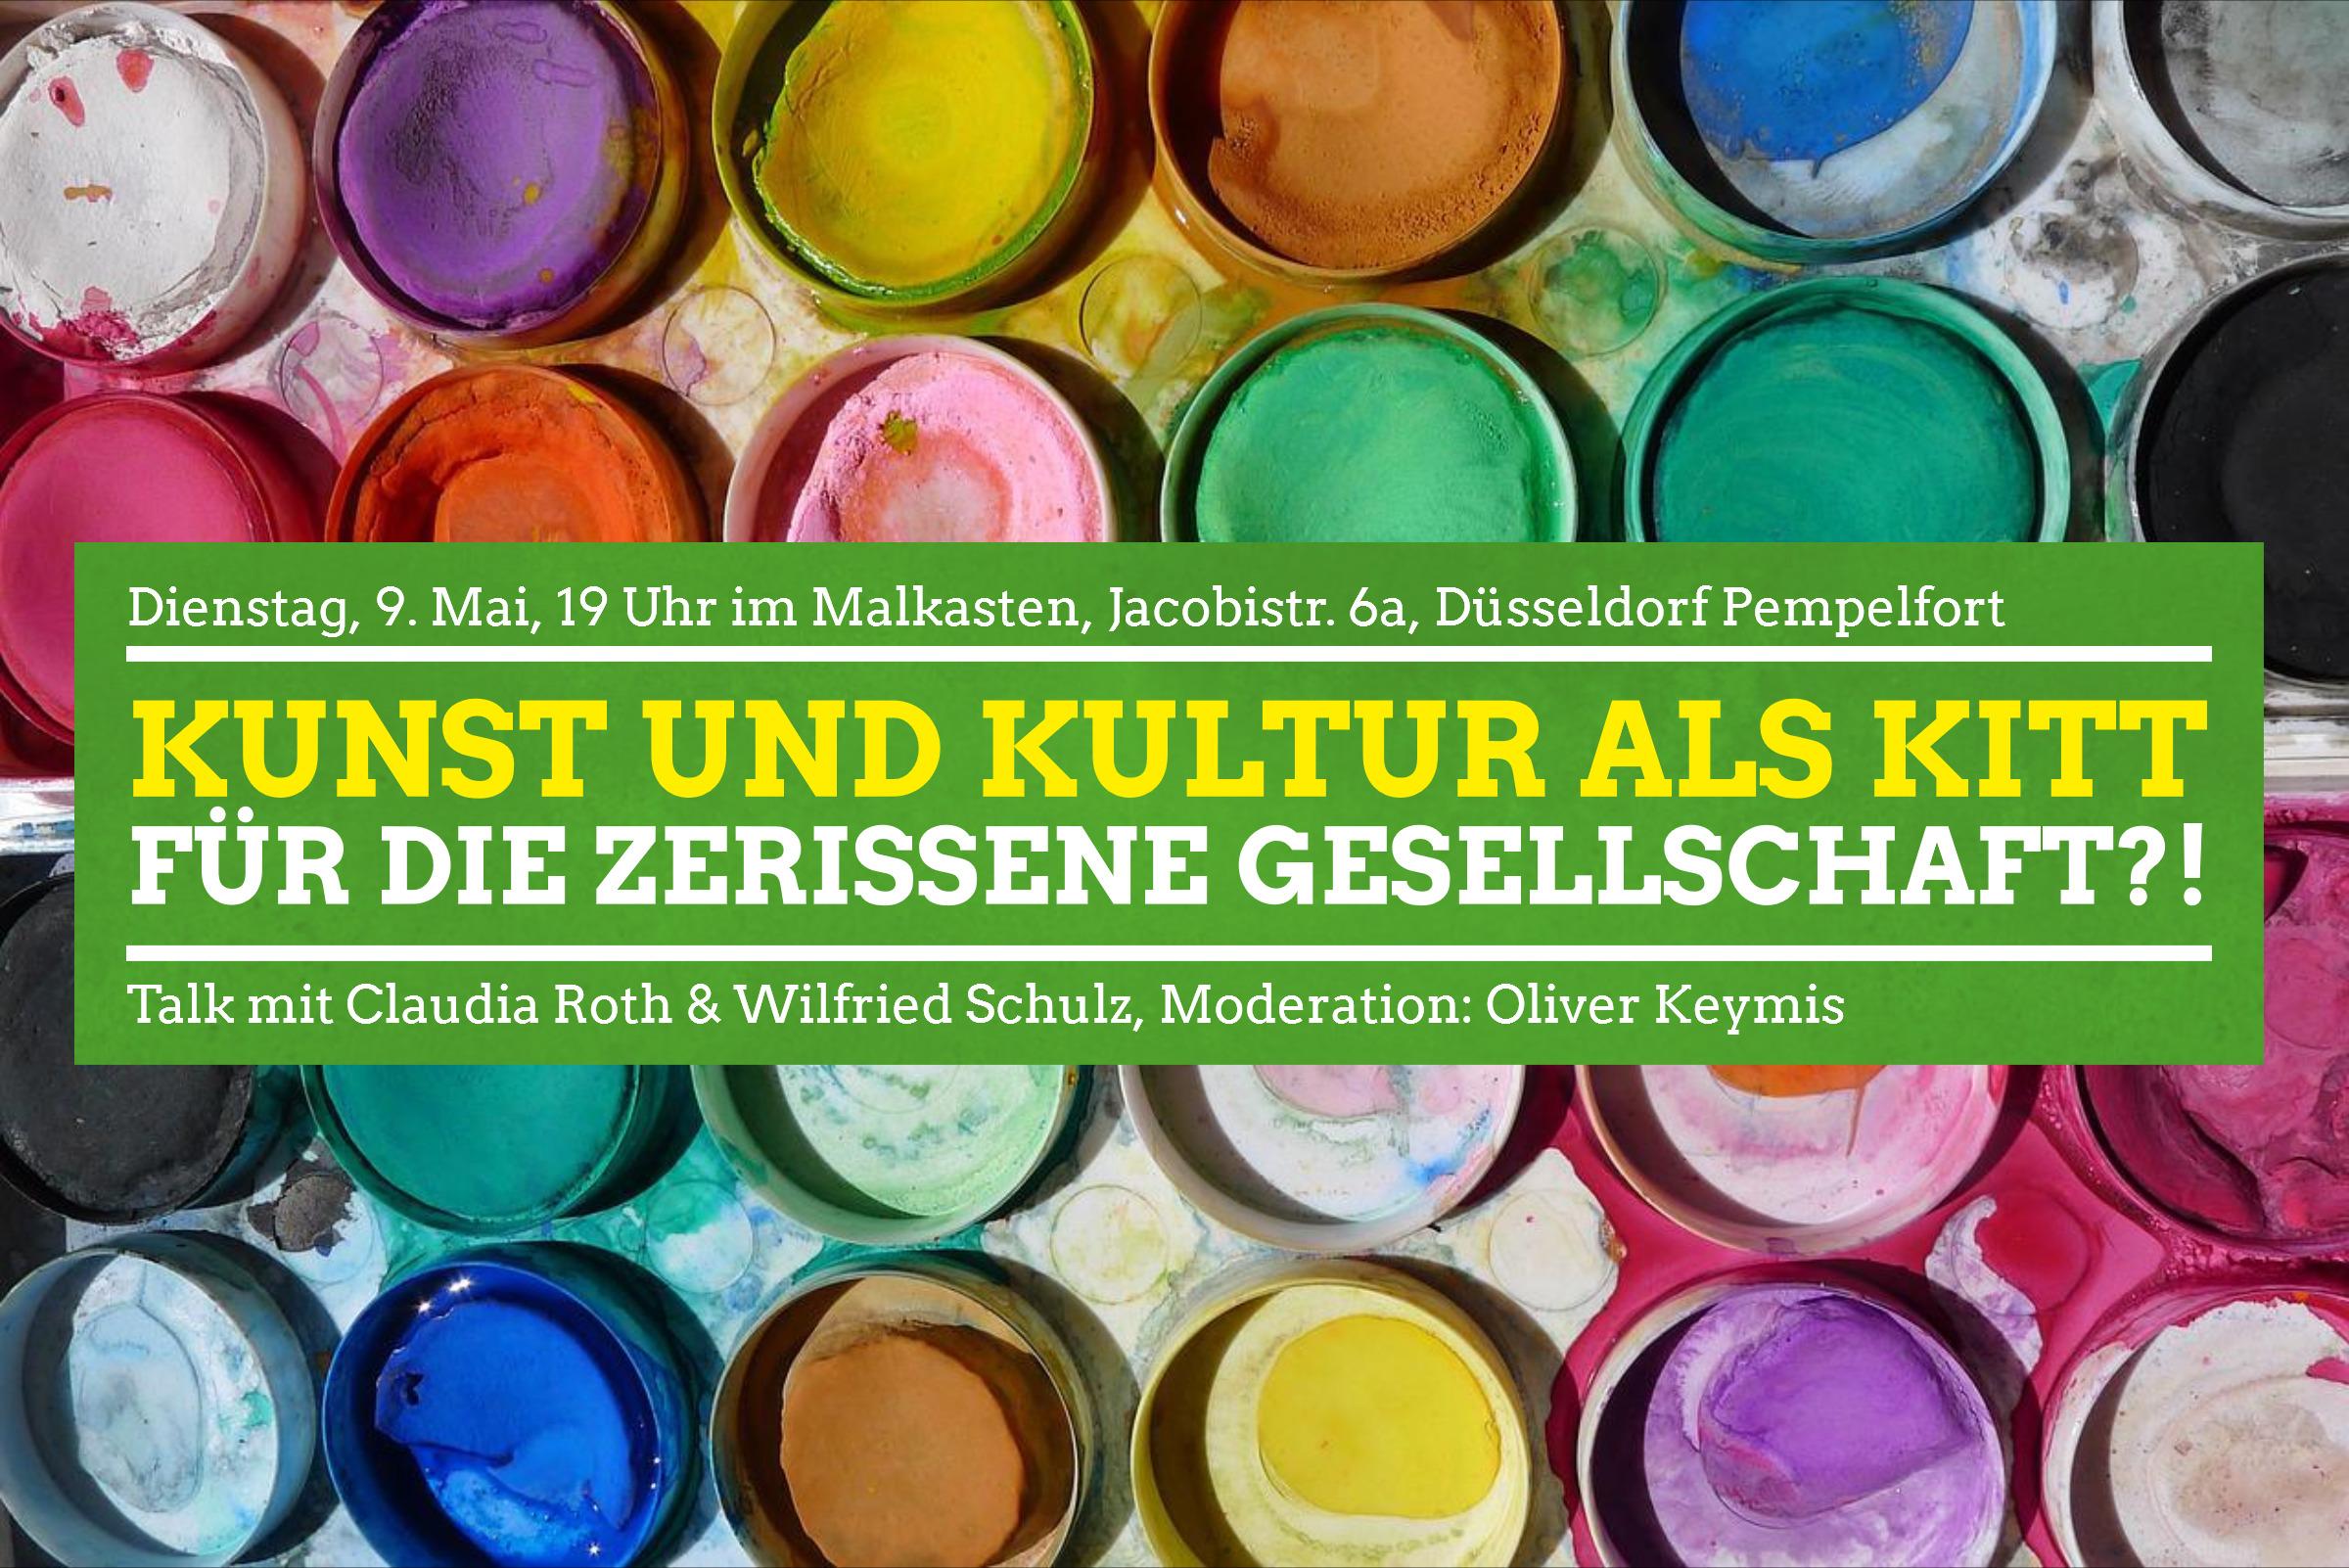 Kunst & Kultur als Kitt für die zerrissene Gesellschaft? Claudia Roth & Wilfried Schulz am 9. Mai